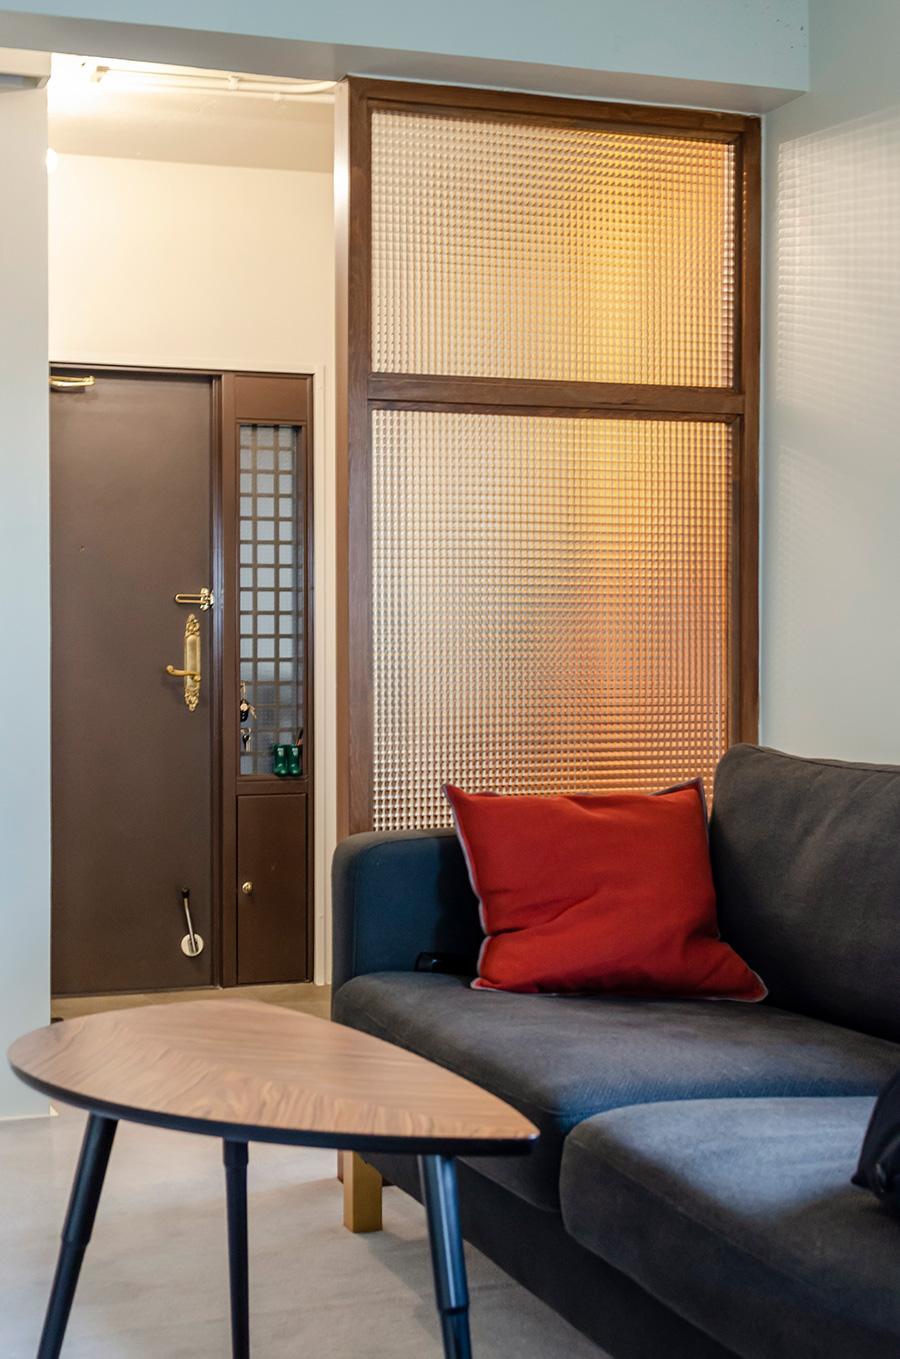 ソファとコーヒーテーブルは「IKEA」で揃えた。